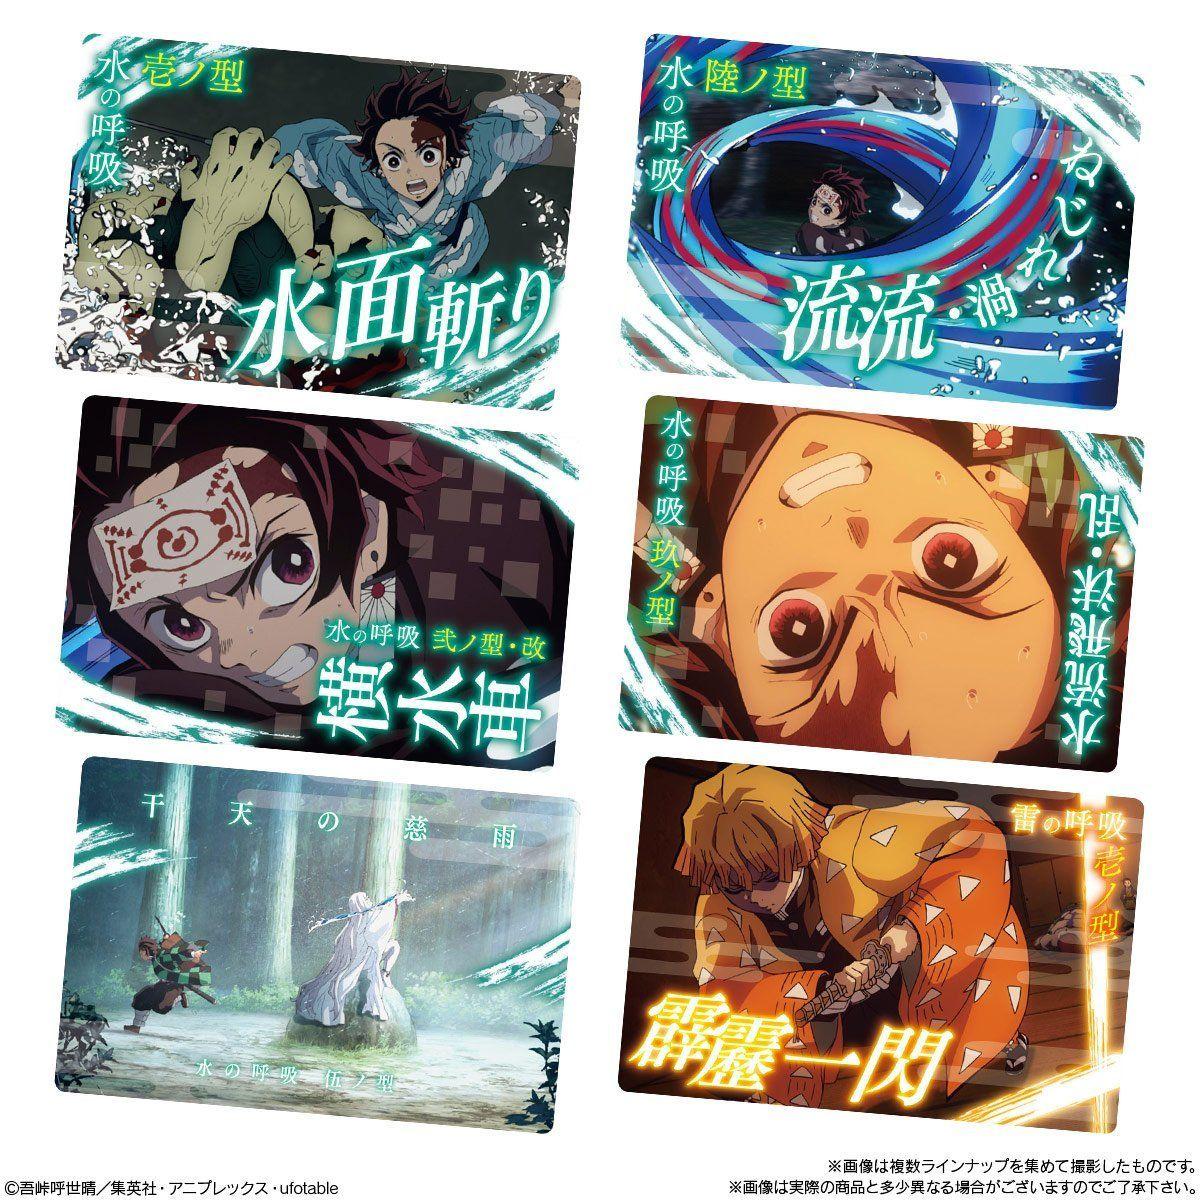 【食玩】鬼滅の刃『鬼滅の刃ウエハース3』20個入りBOX-006